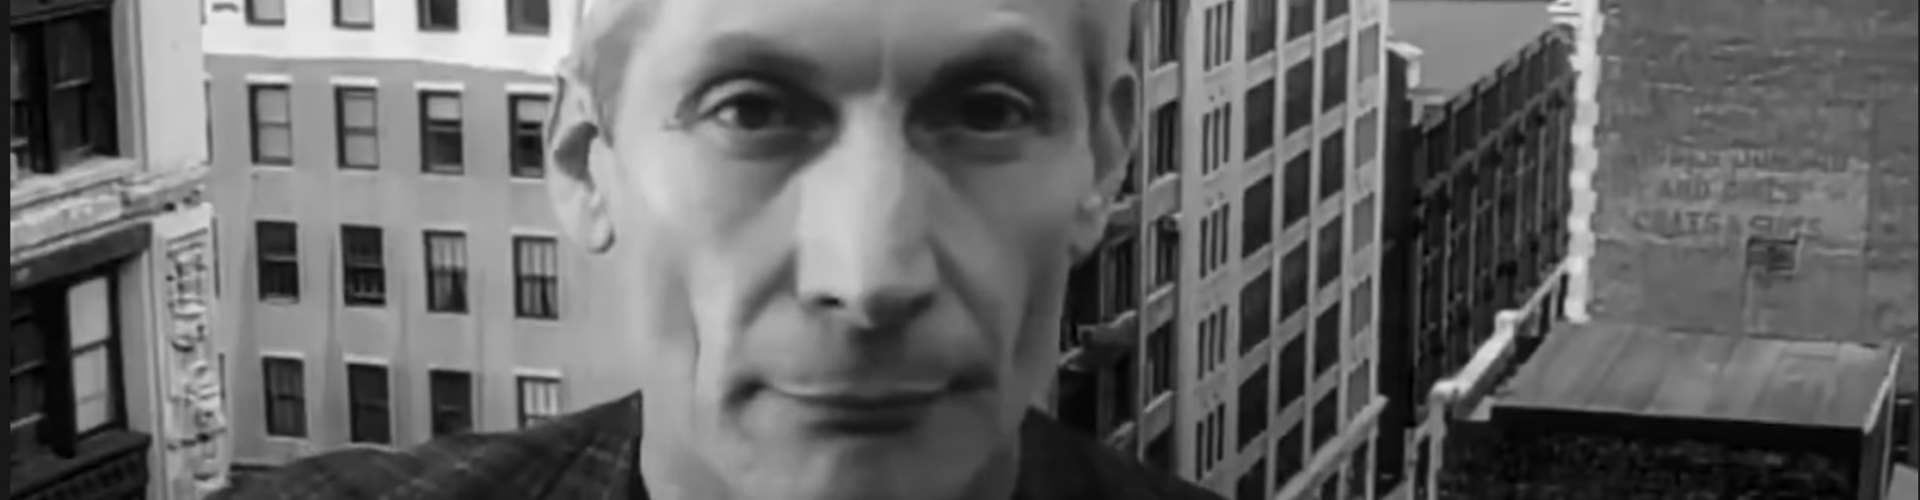 Charlie Watts ist tot – liebevolle Videocollage erinnert an sein Lebenswerk